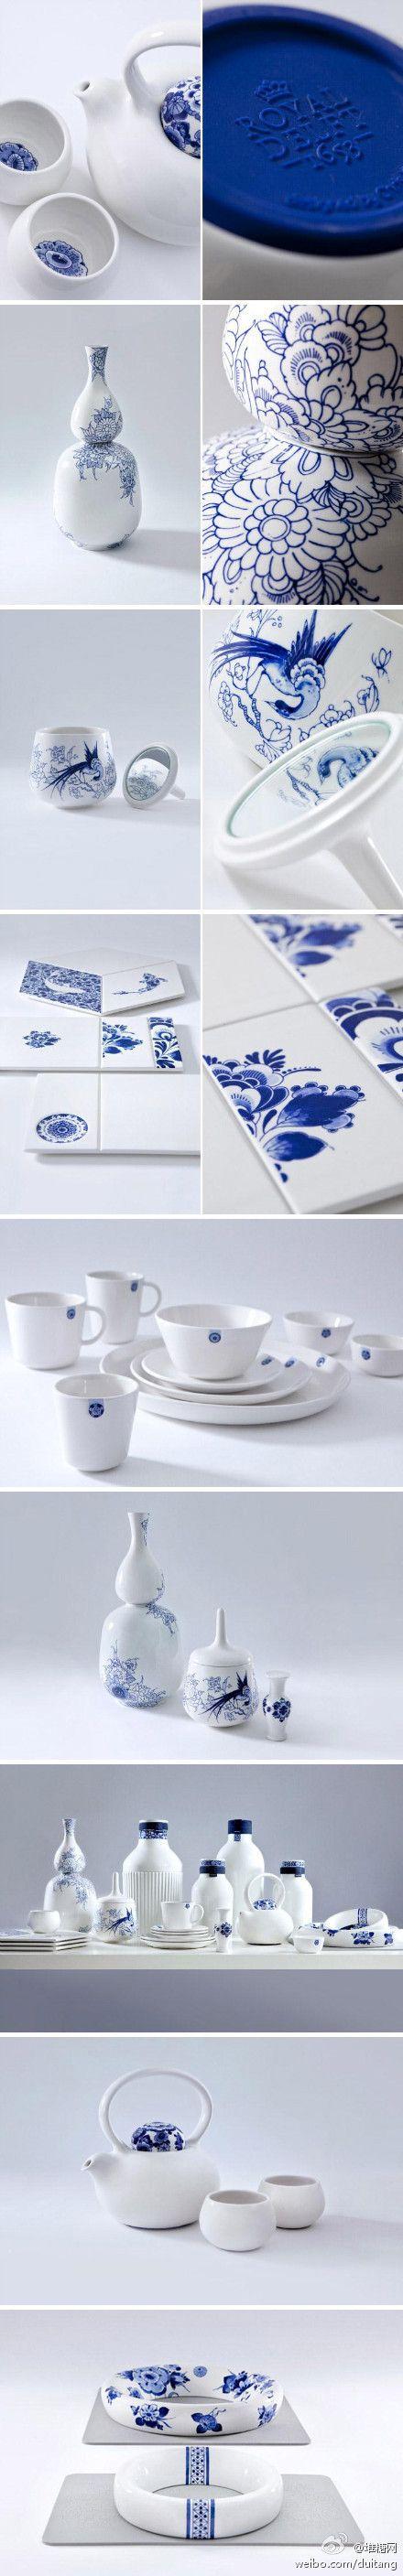 Blue D1653 by Royal Delft